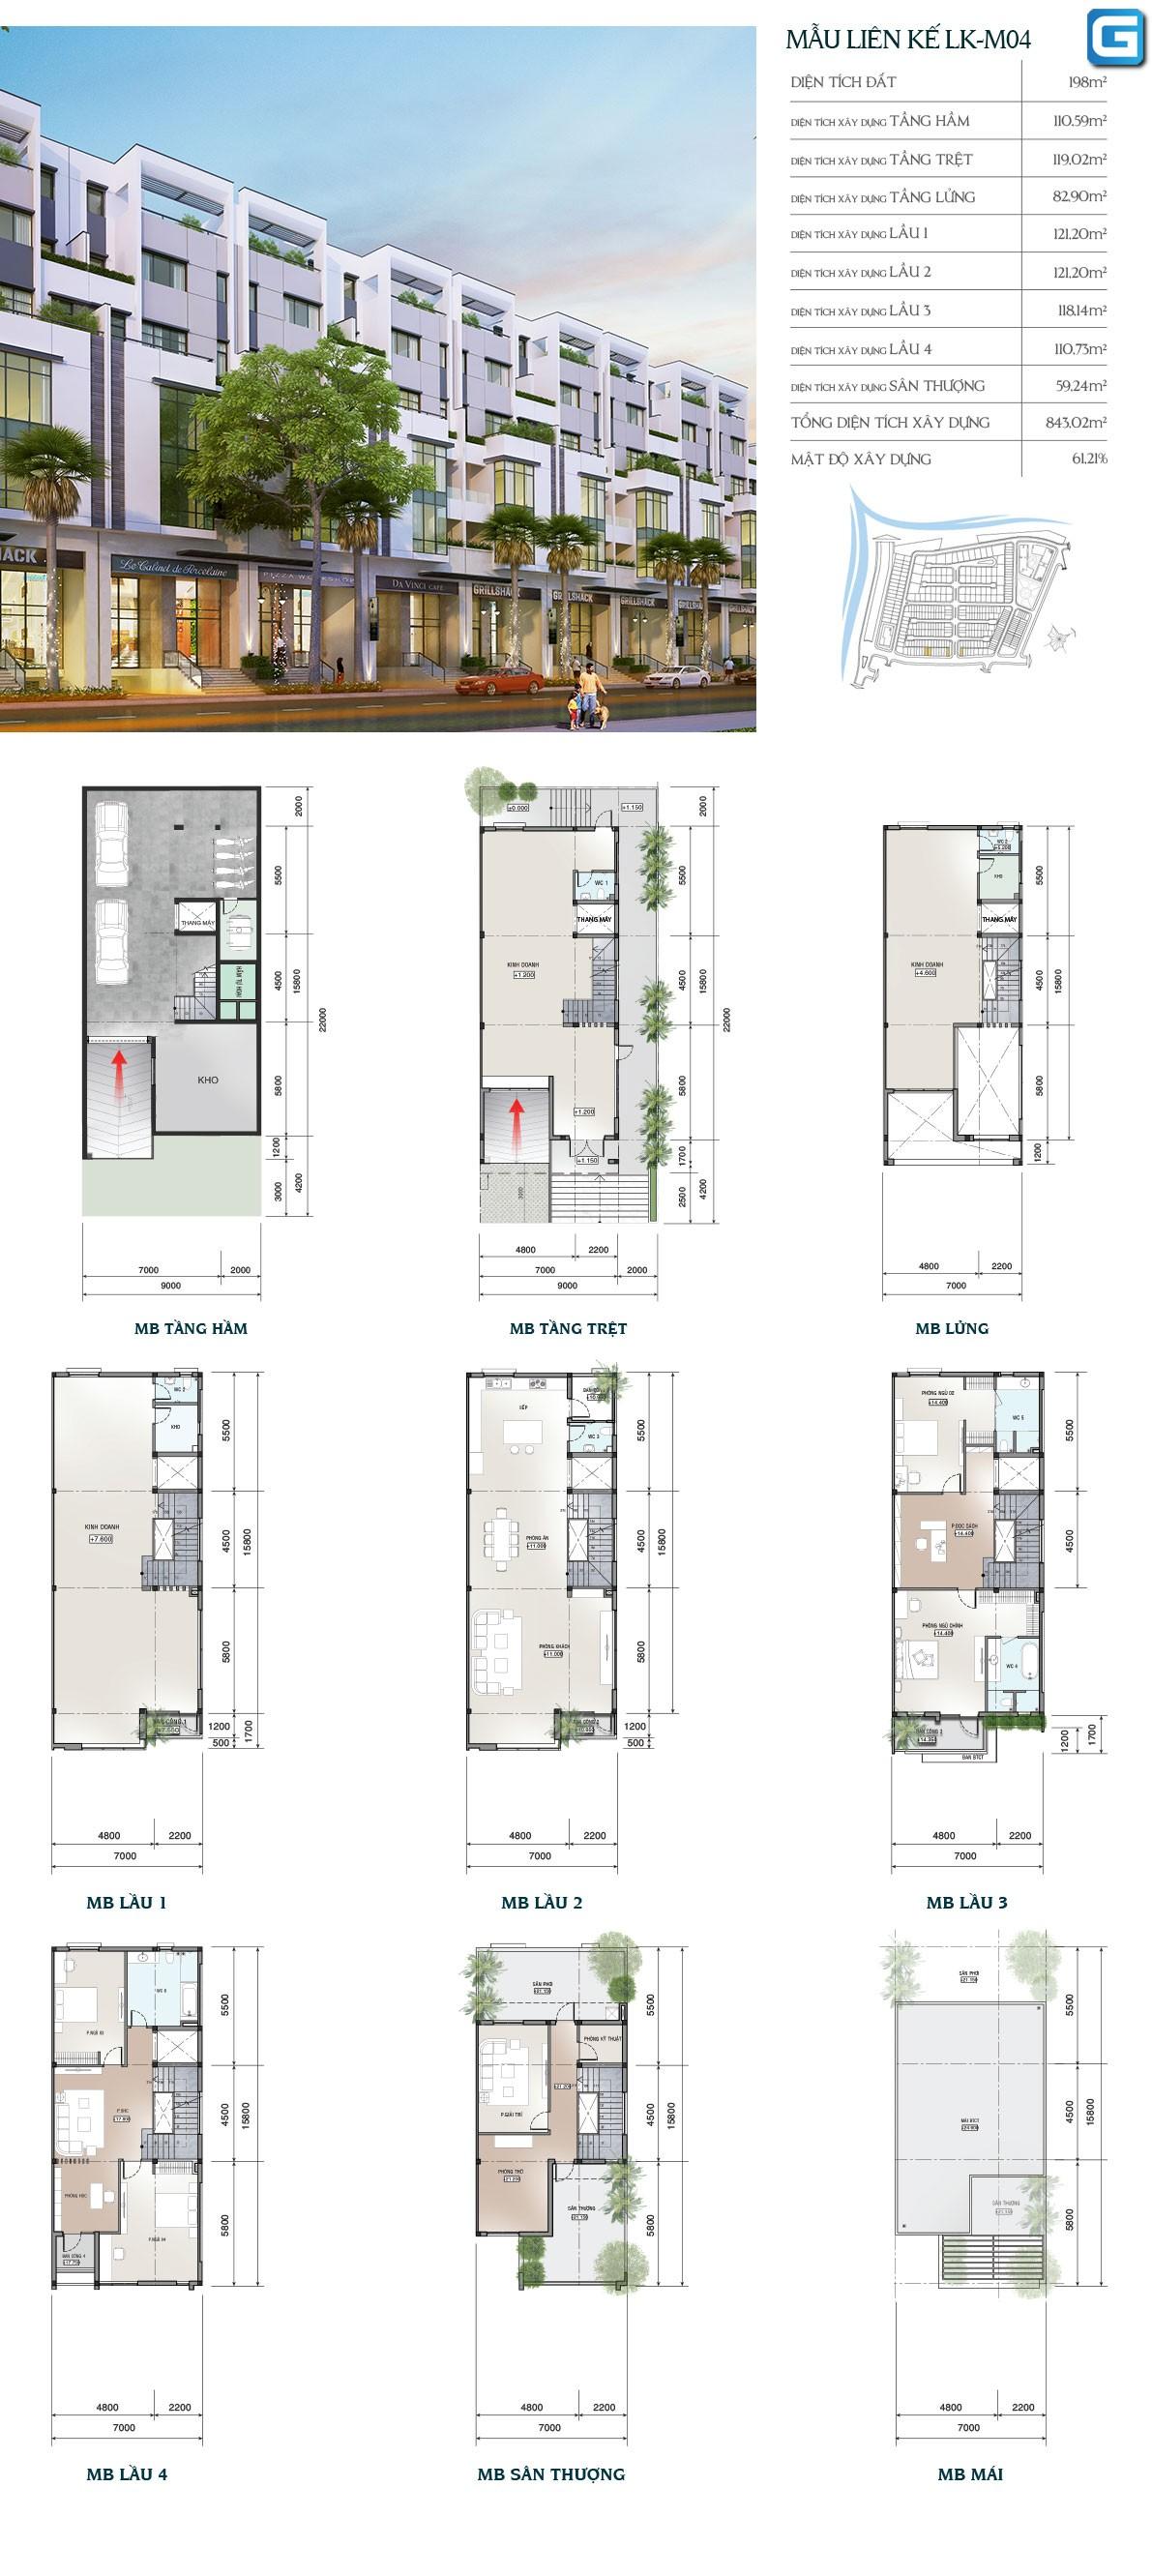 dự án nhà phố và biệt thự Saigon Mystery Villas